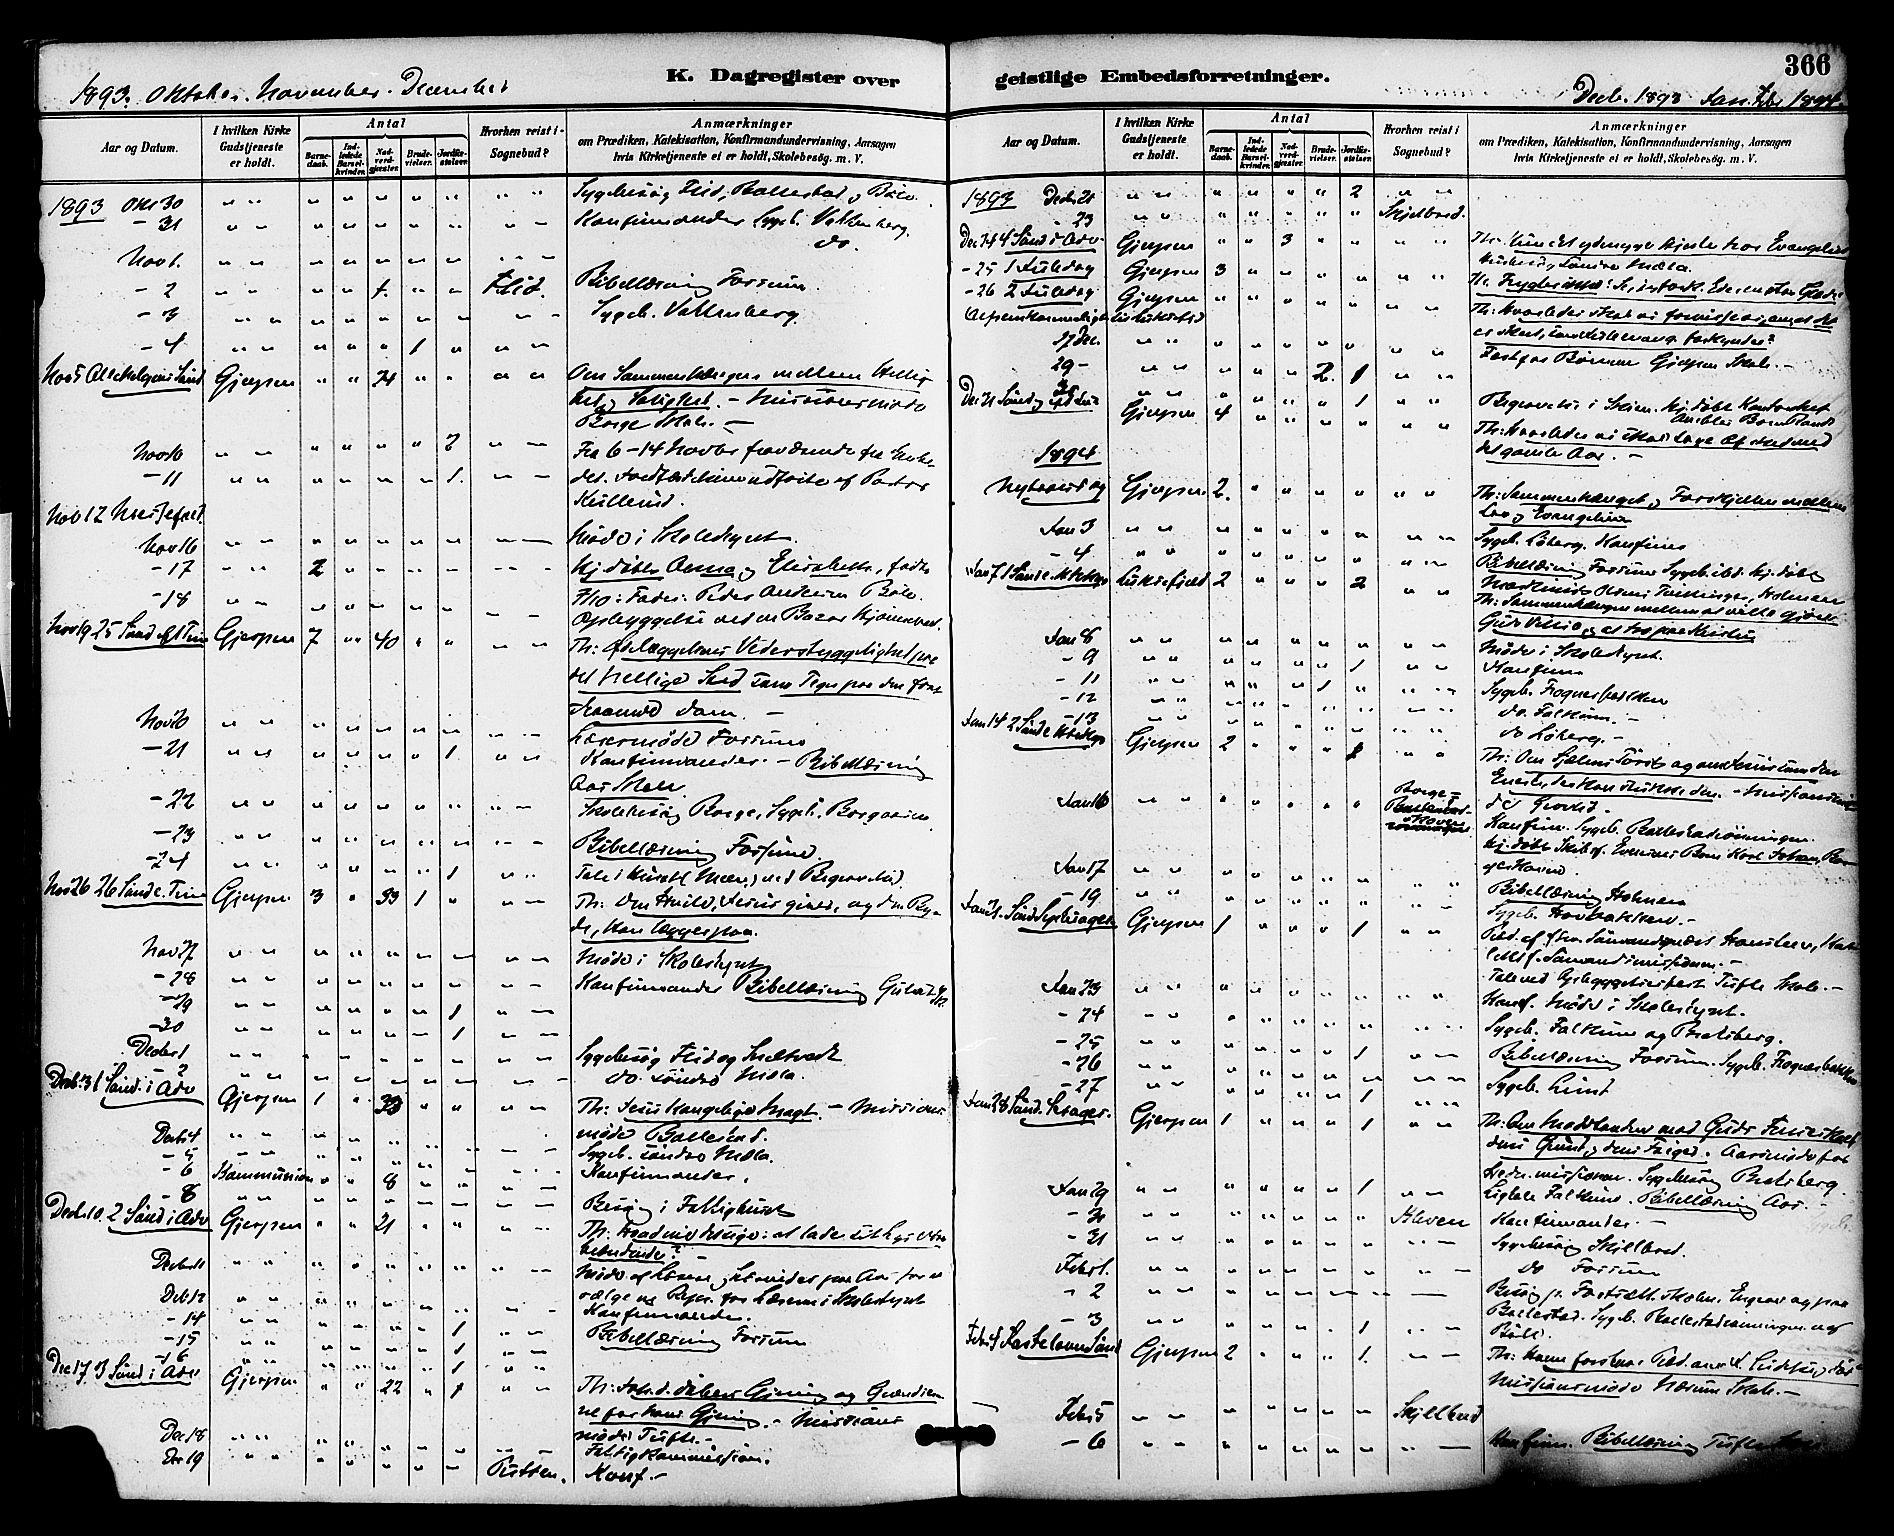 SAKO, Gjerpen kirkebøker, F/Fa/L0010: Ministerialbok nr. 10, 1886-1895, s. 366